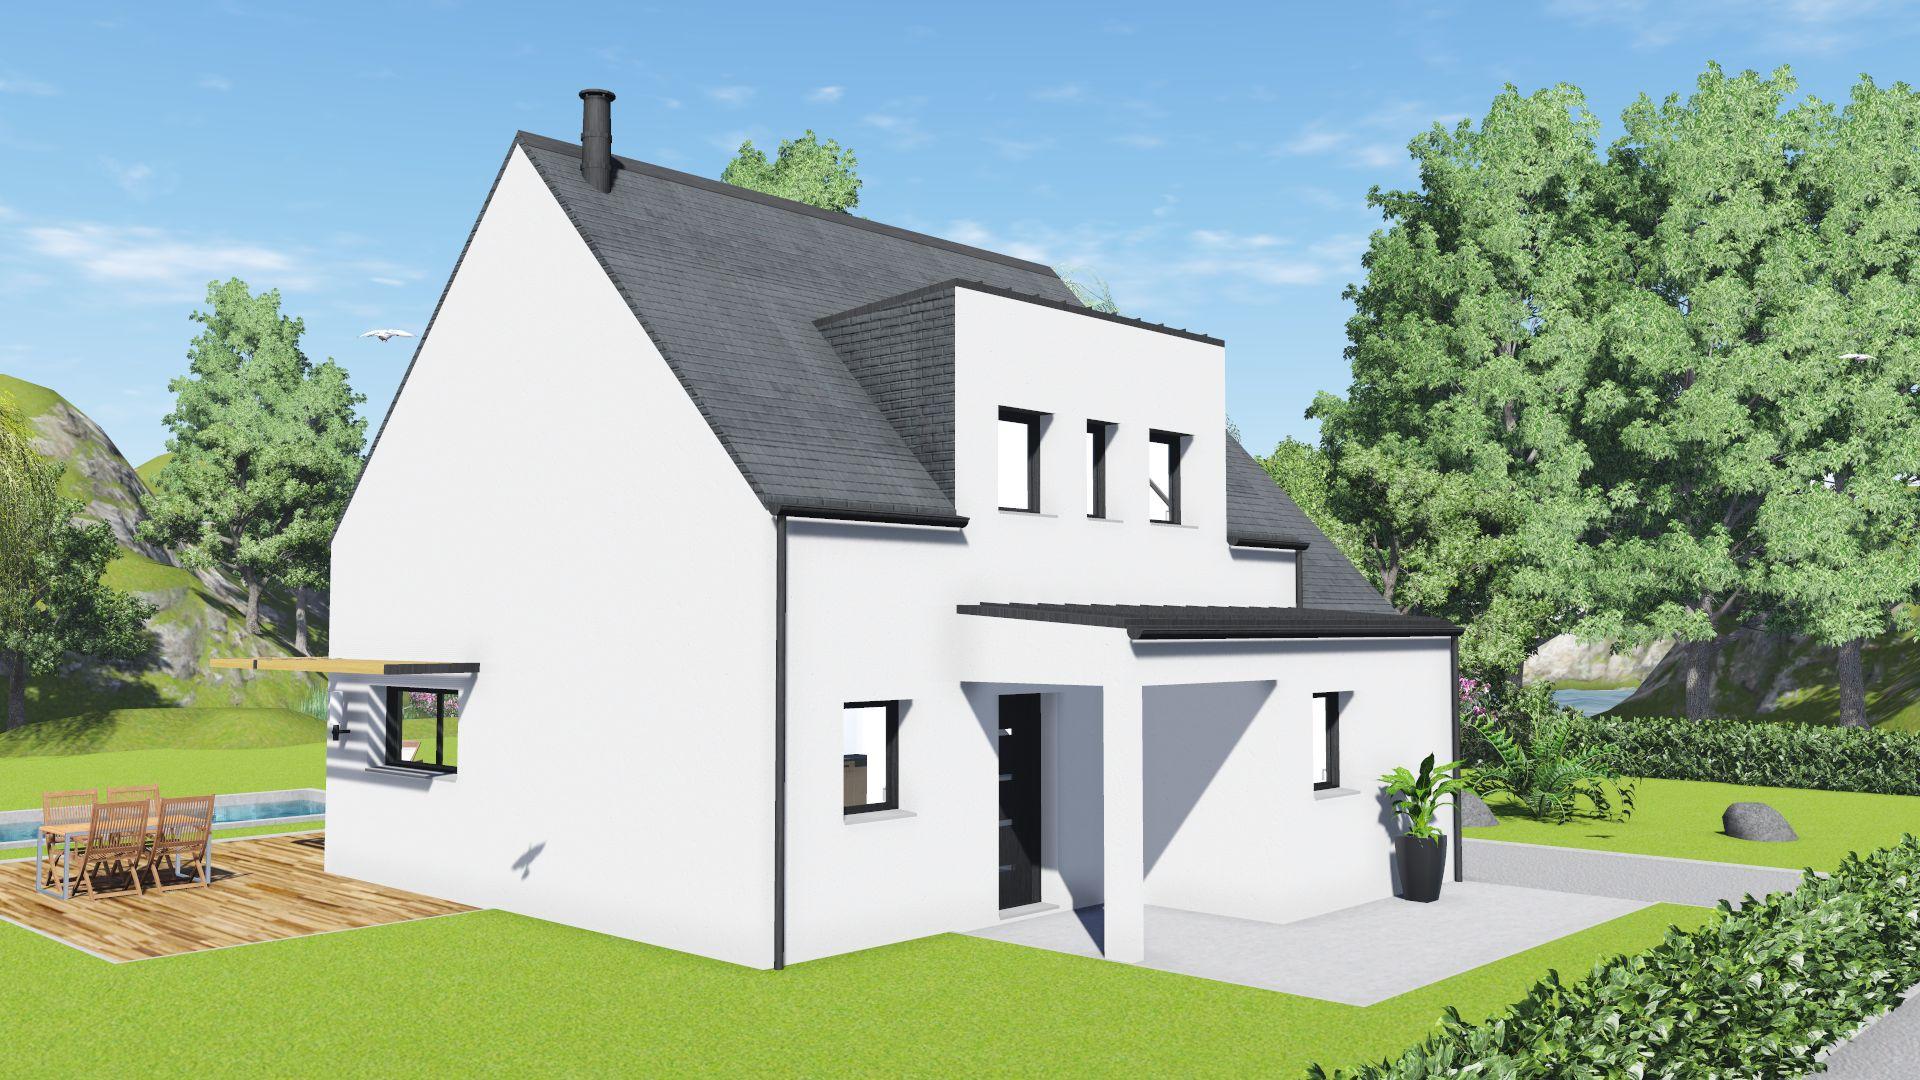 maison neuve st meloir des ondes 35350 maison 117m2 4 ch creactuel maison individuelle. Black Bedroom Furniture Sets. Home Design Ideas